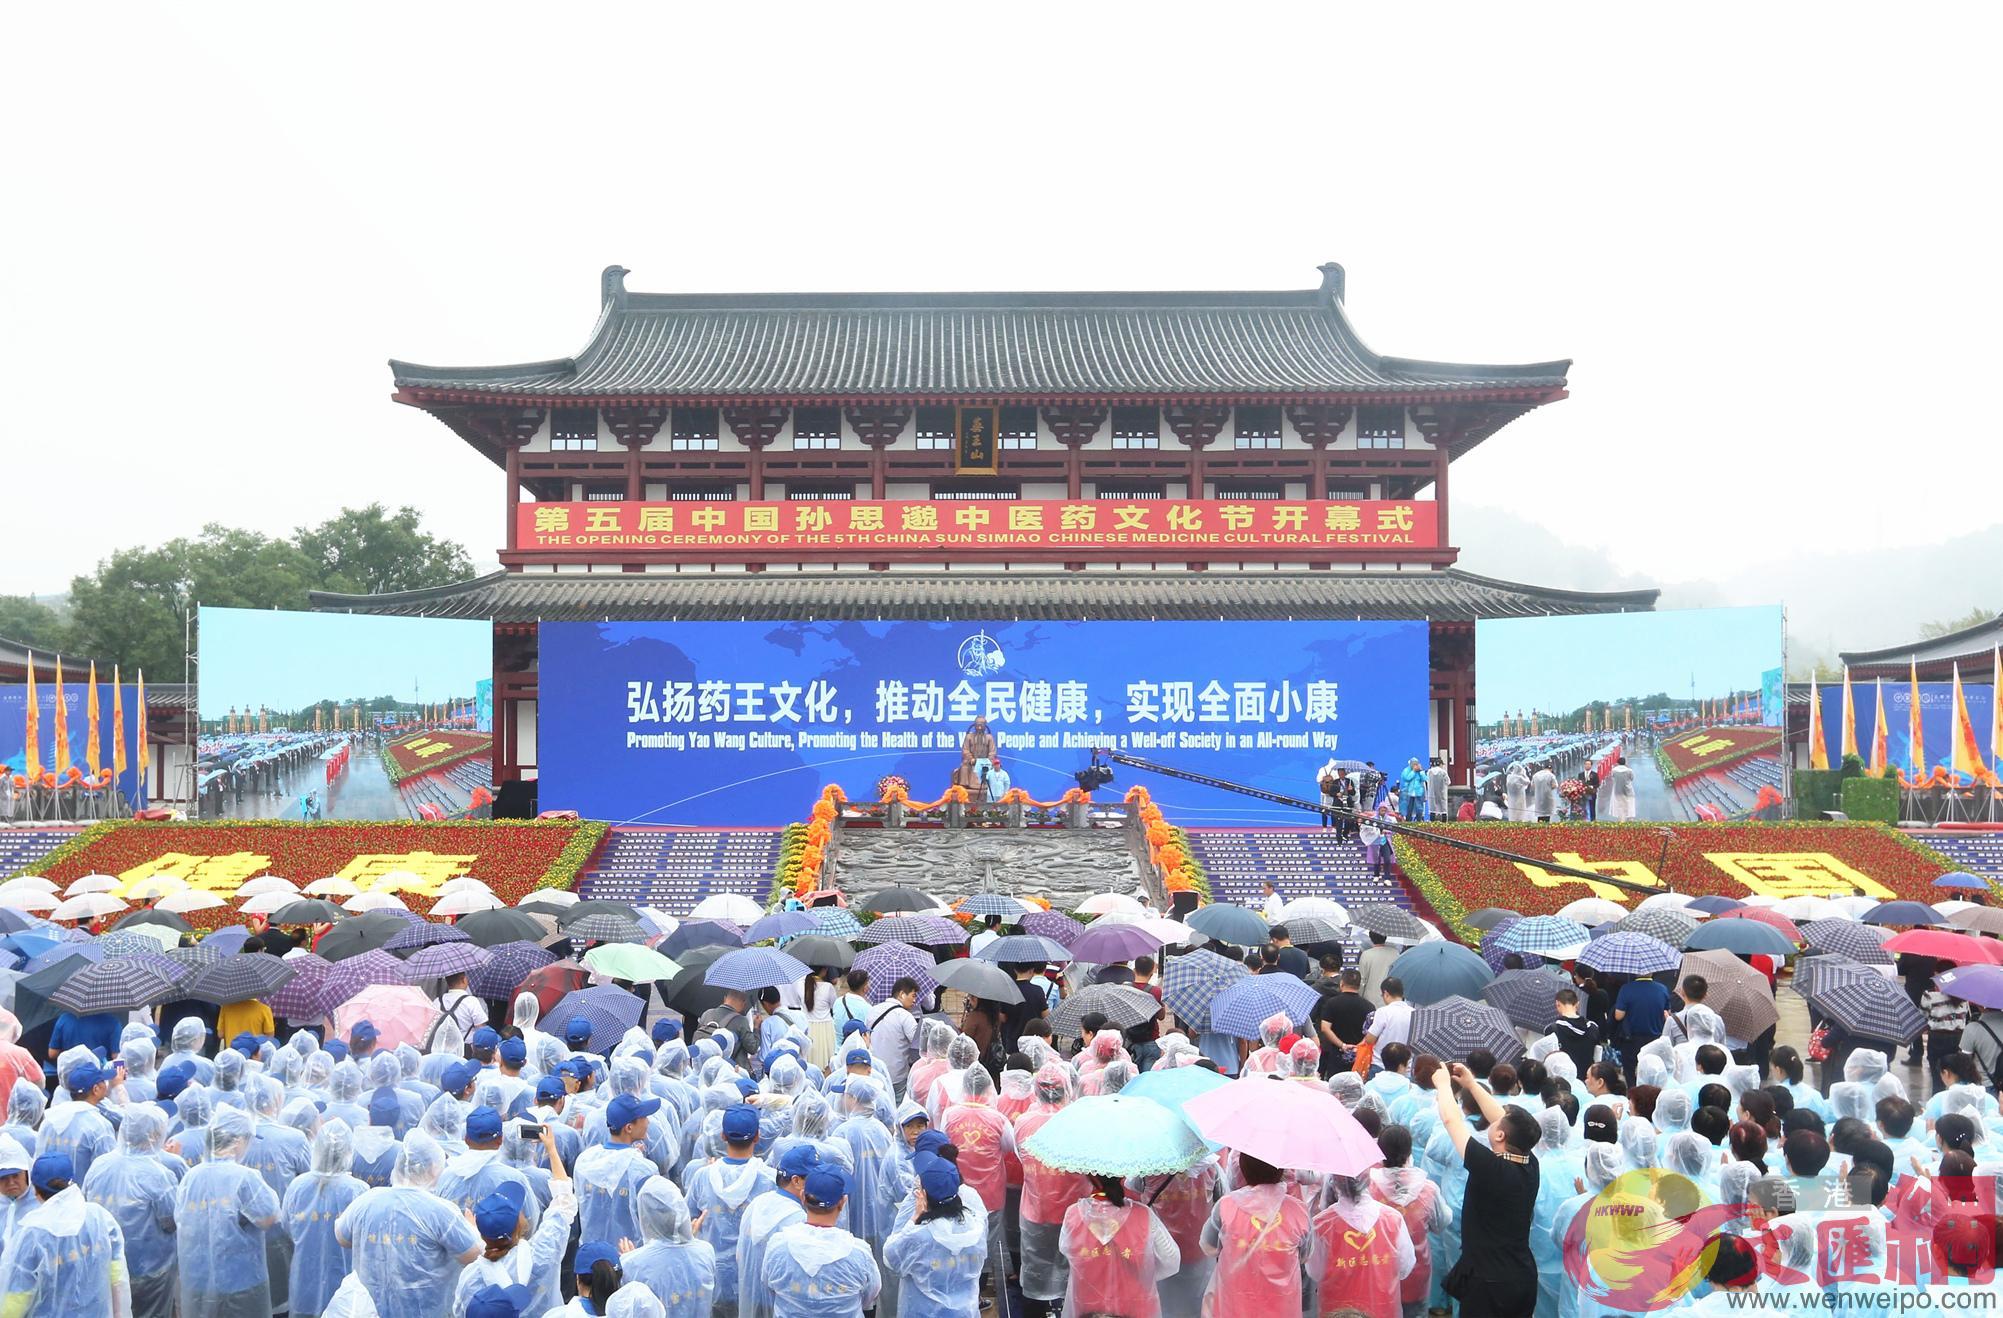 第五屆中國孫思邈中醫藥文化節吸引了海內外眾多著名藥企參會參展。(記者李陽波攝)